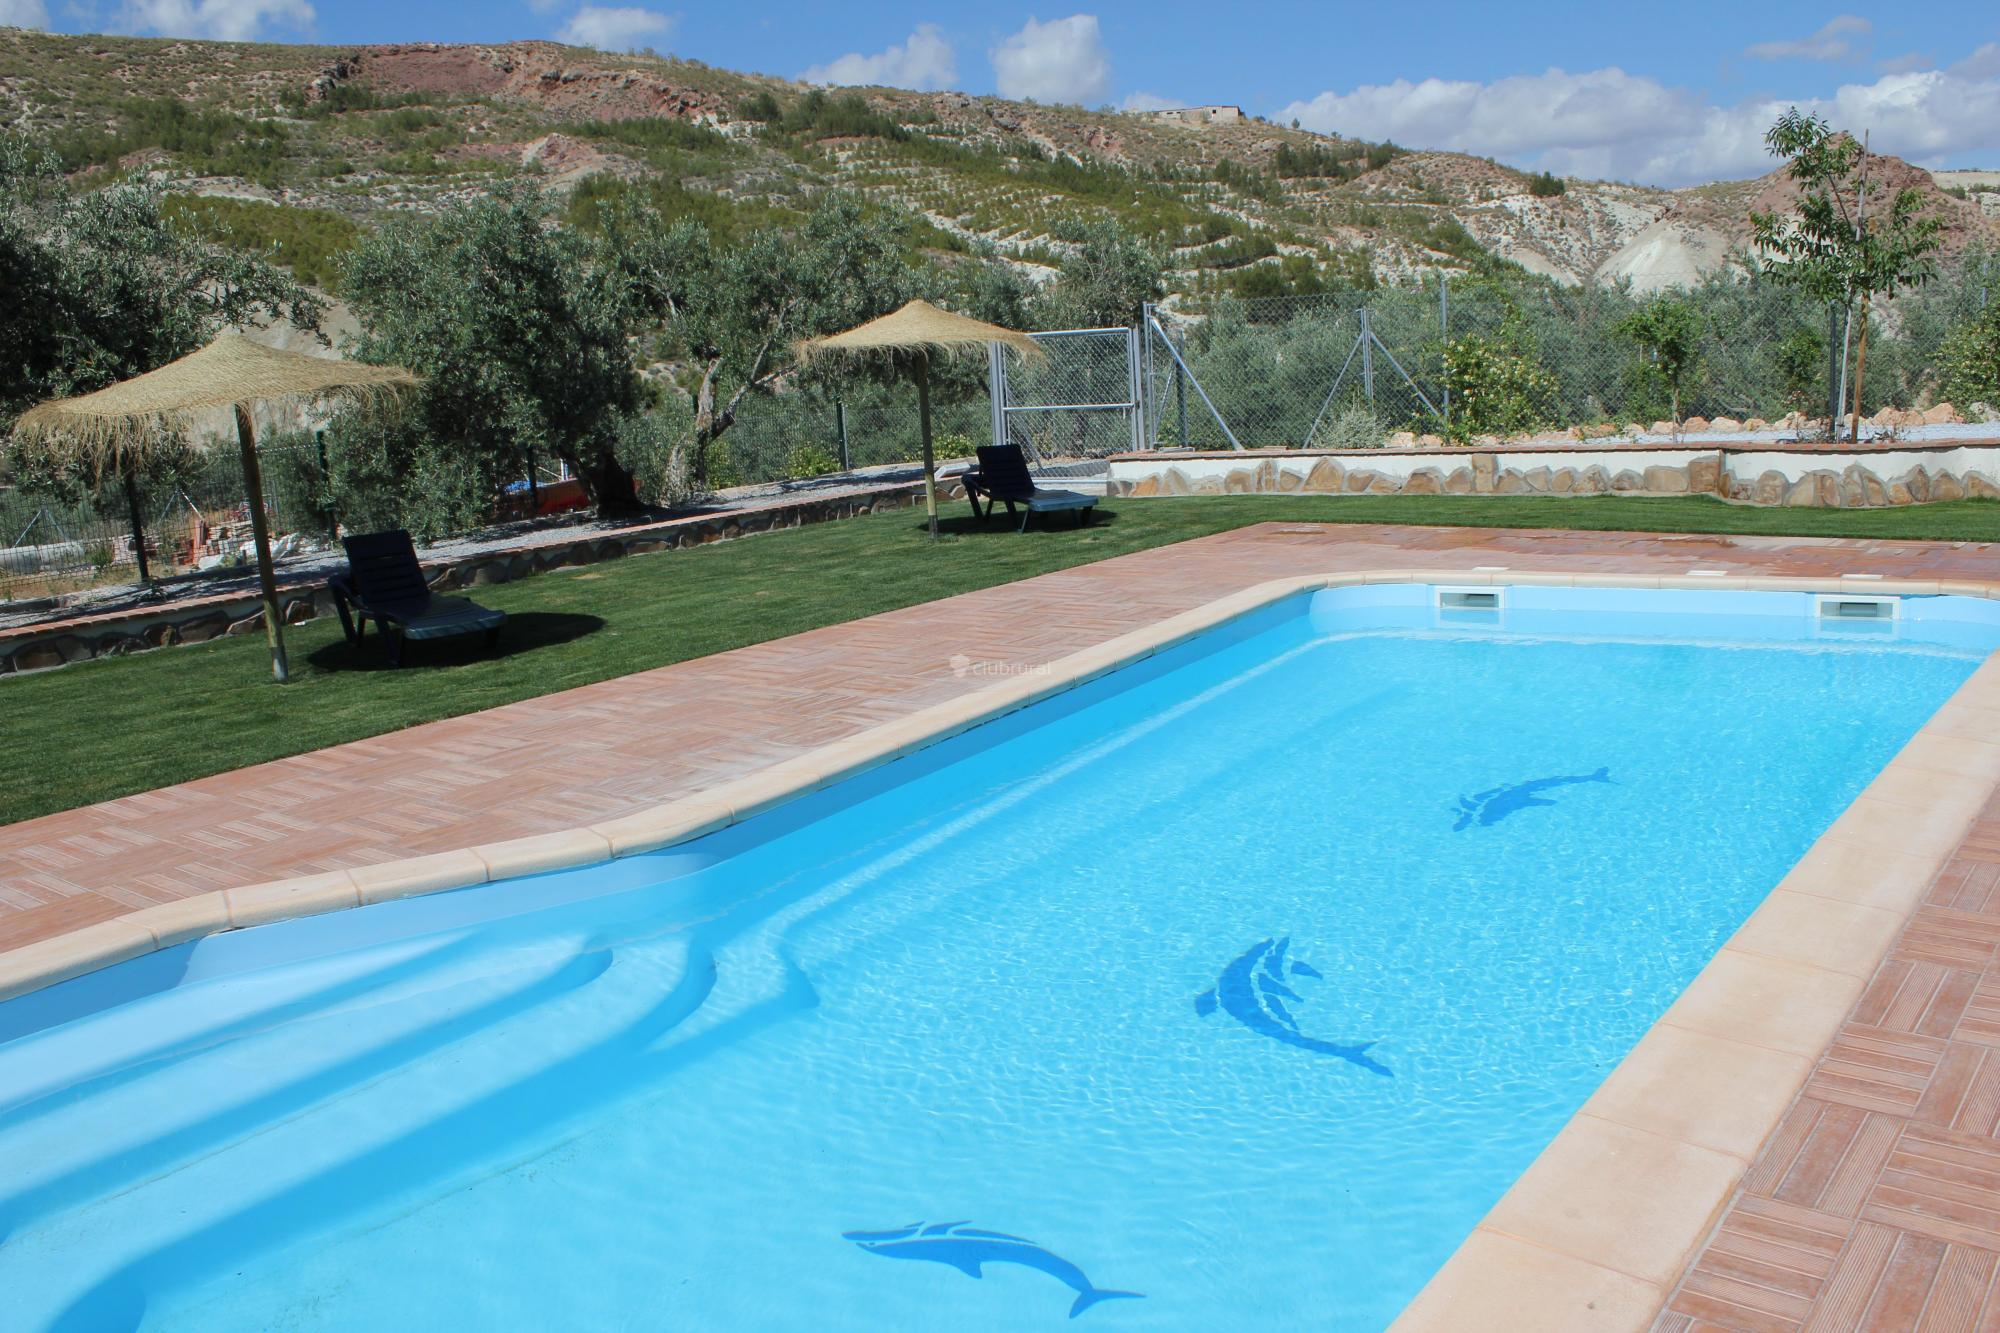 Fotos de hotel rural valle del turrilla cazorlatur for Piscina jaen